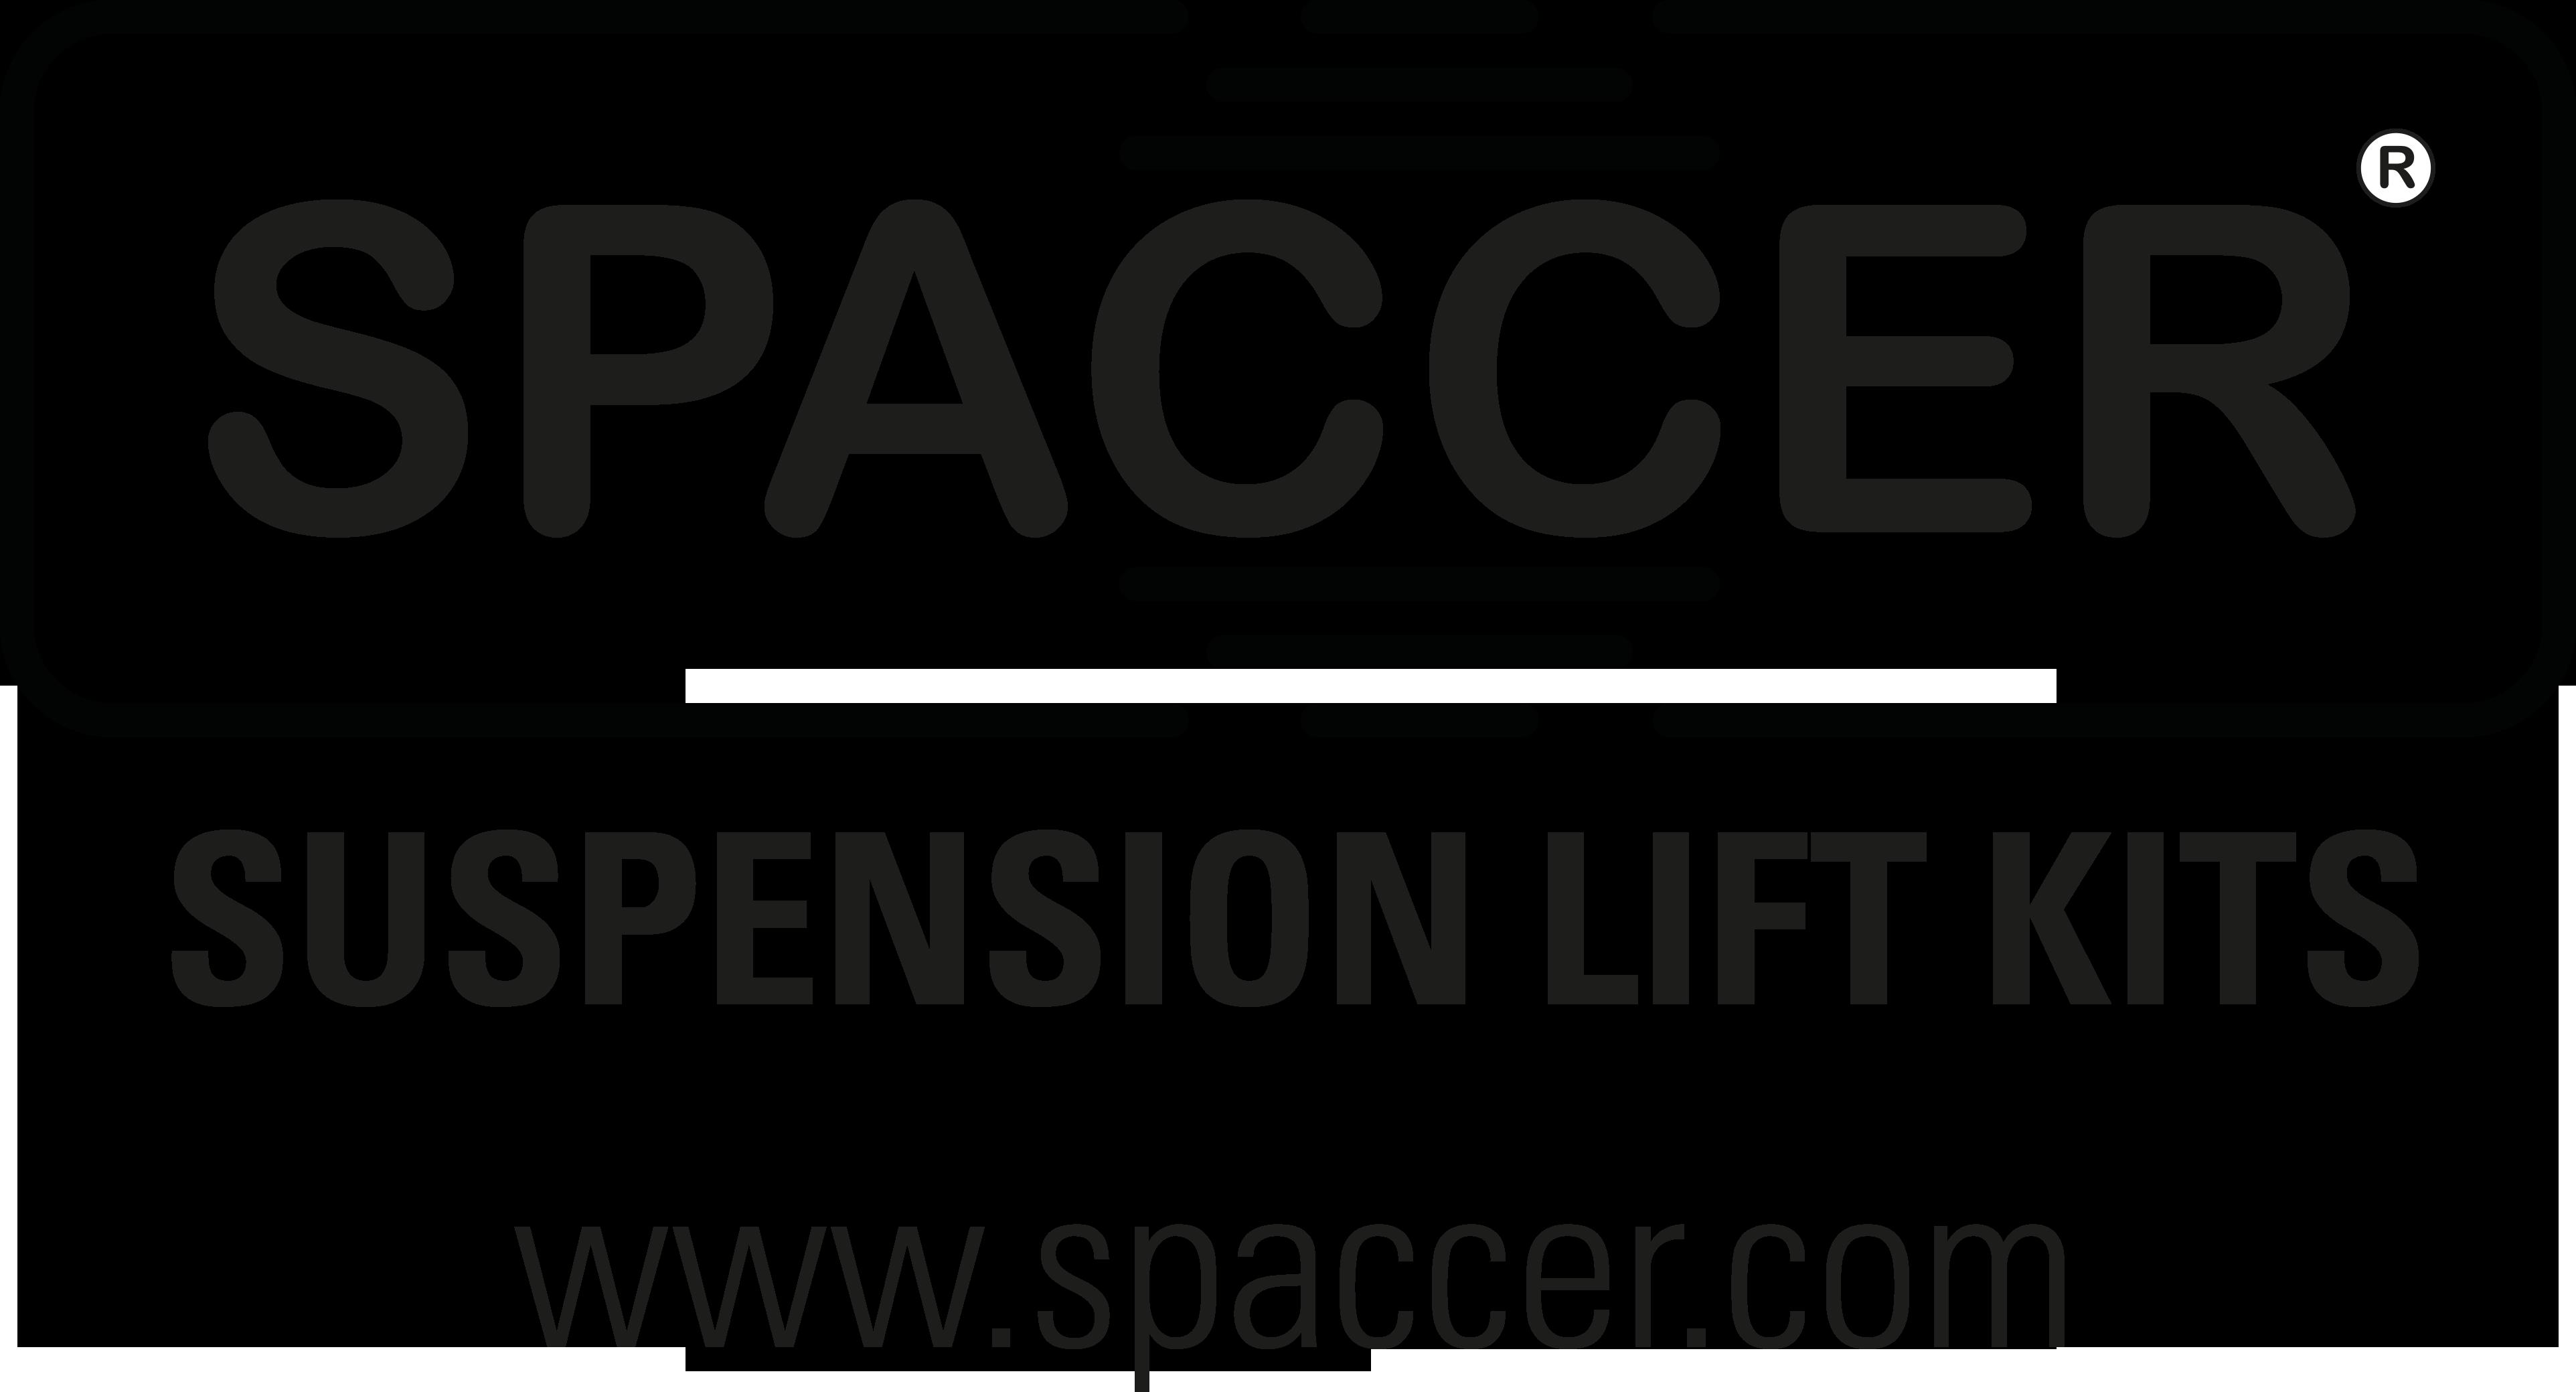 SPACCER-Logo-mit-Claim